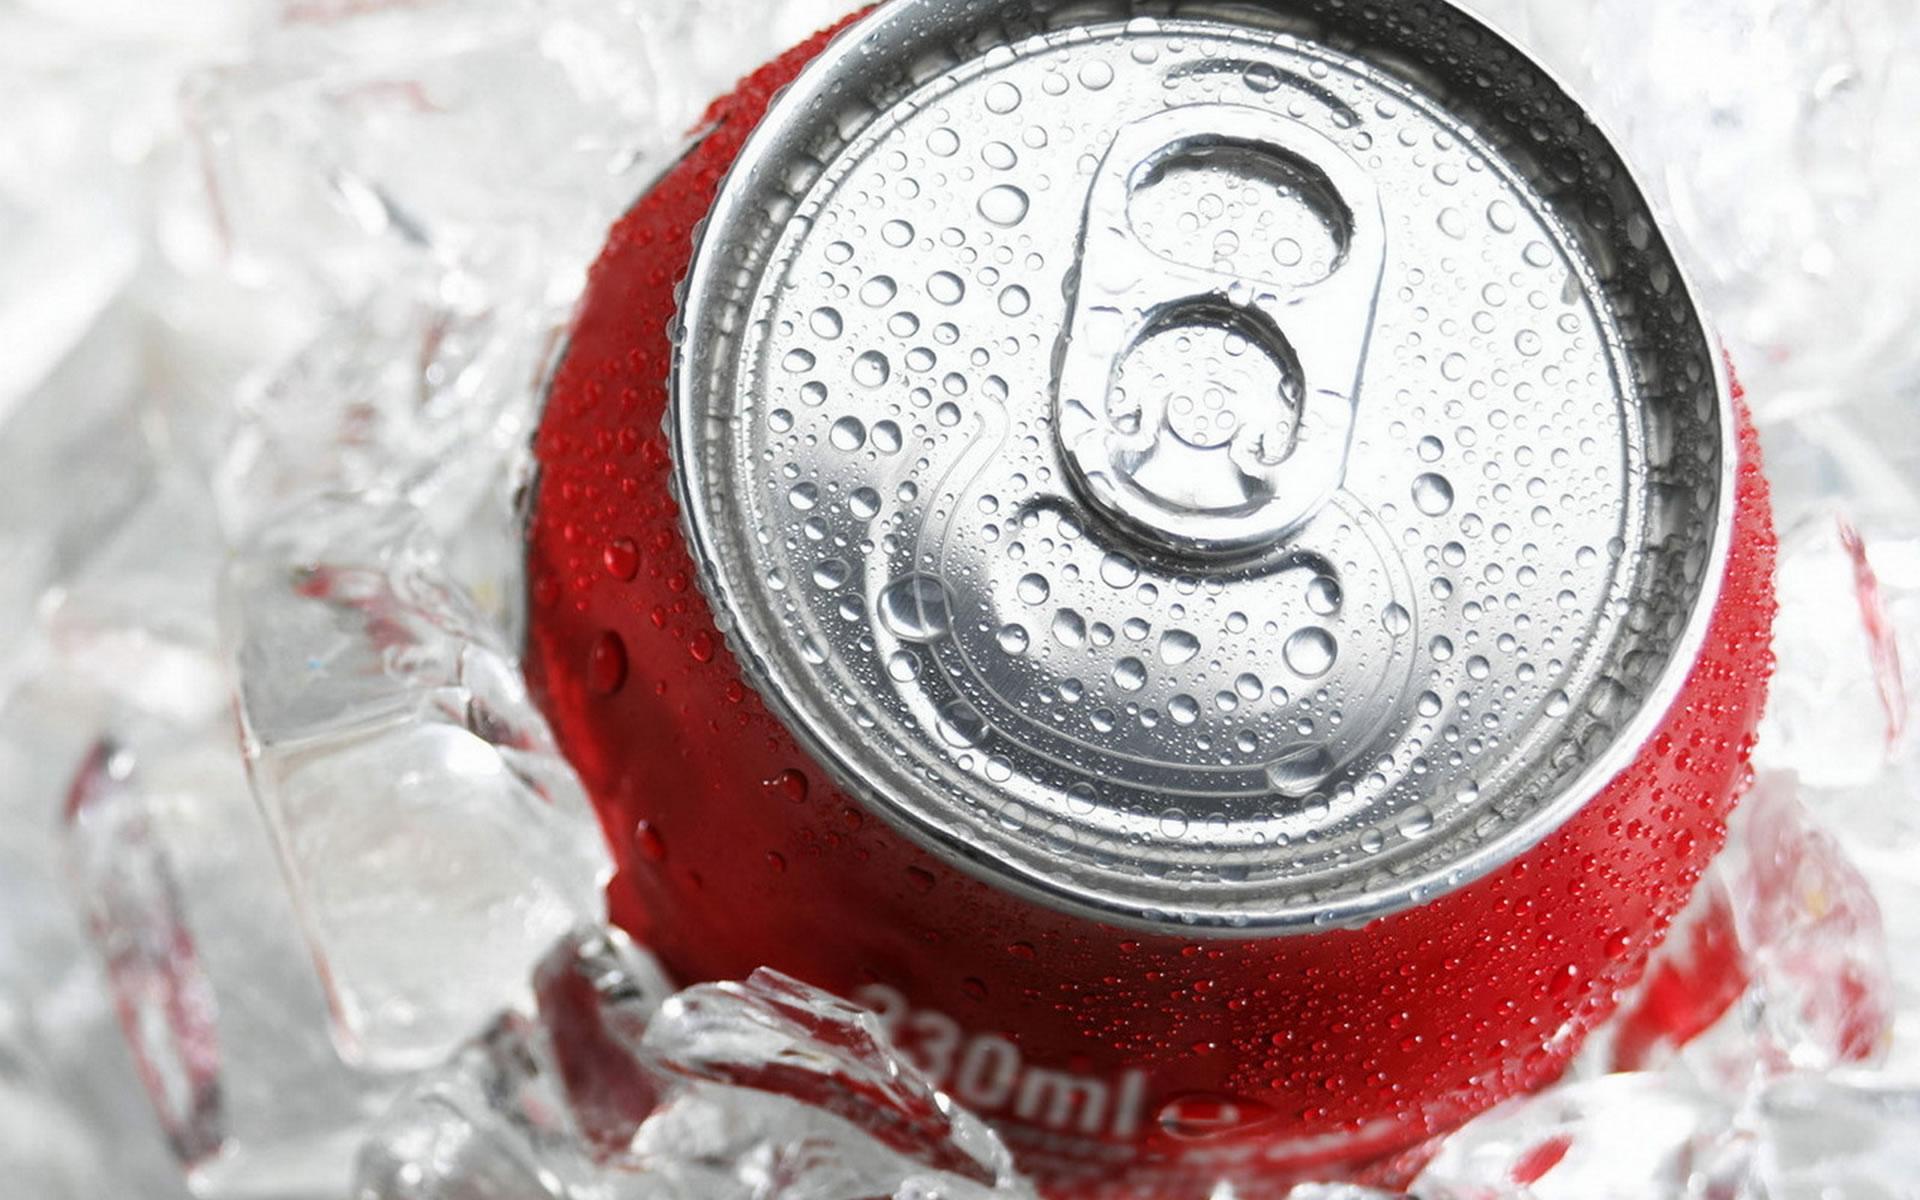 Una Coca Cola Fresquita